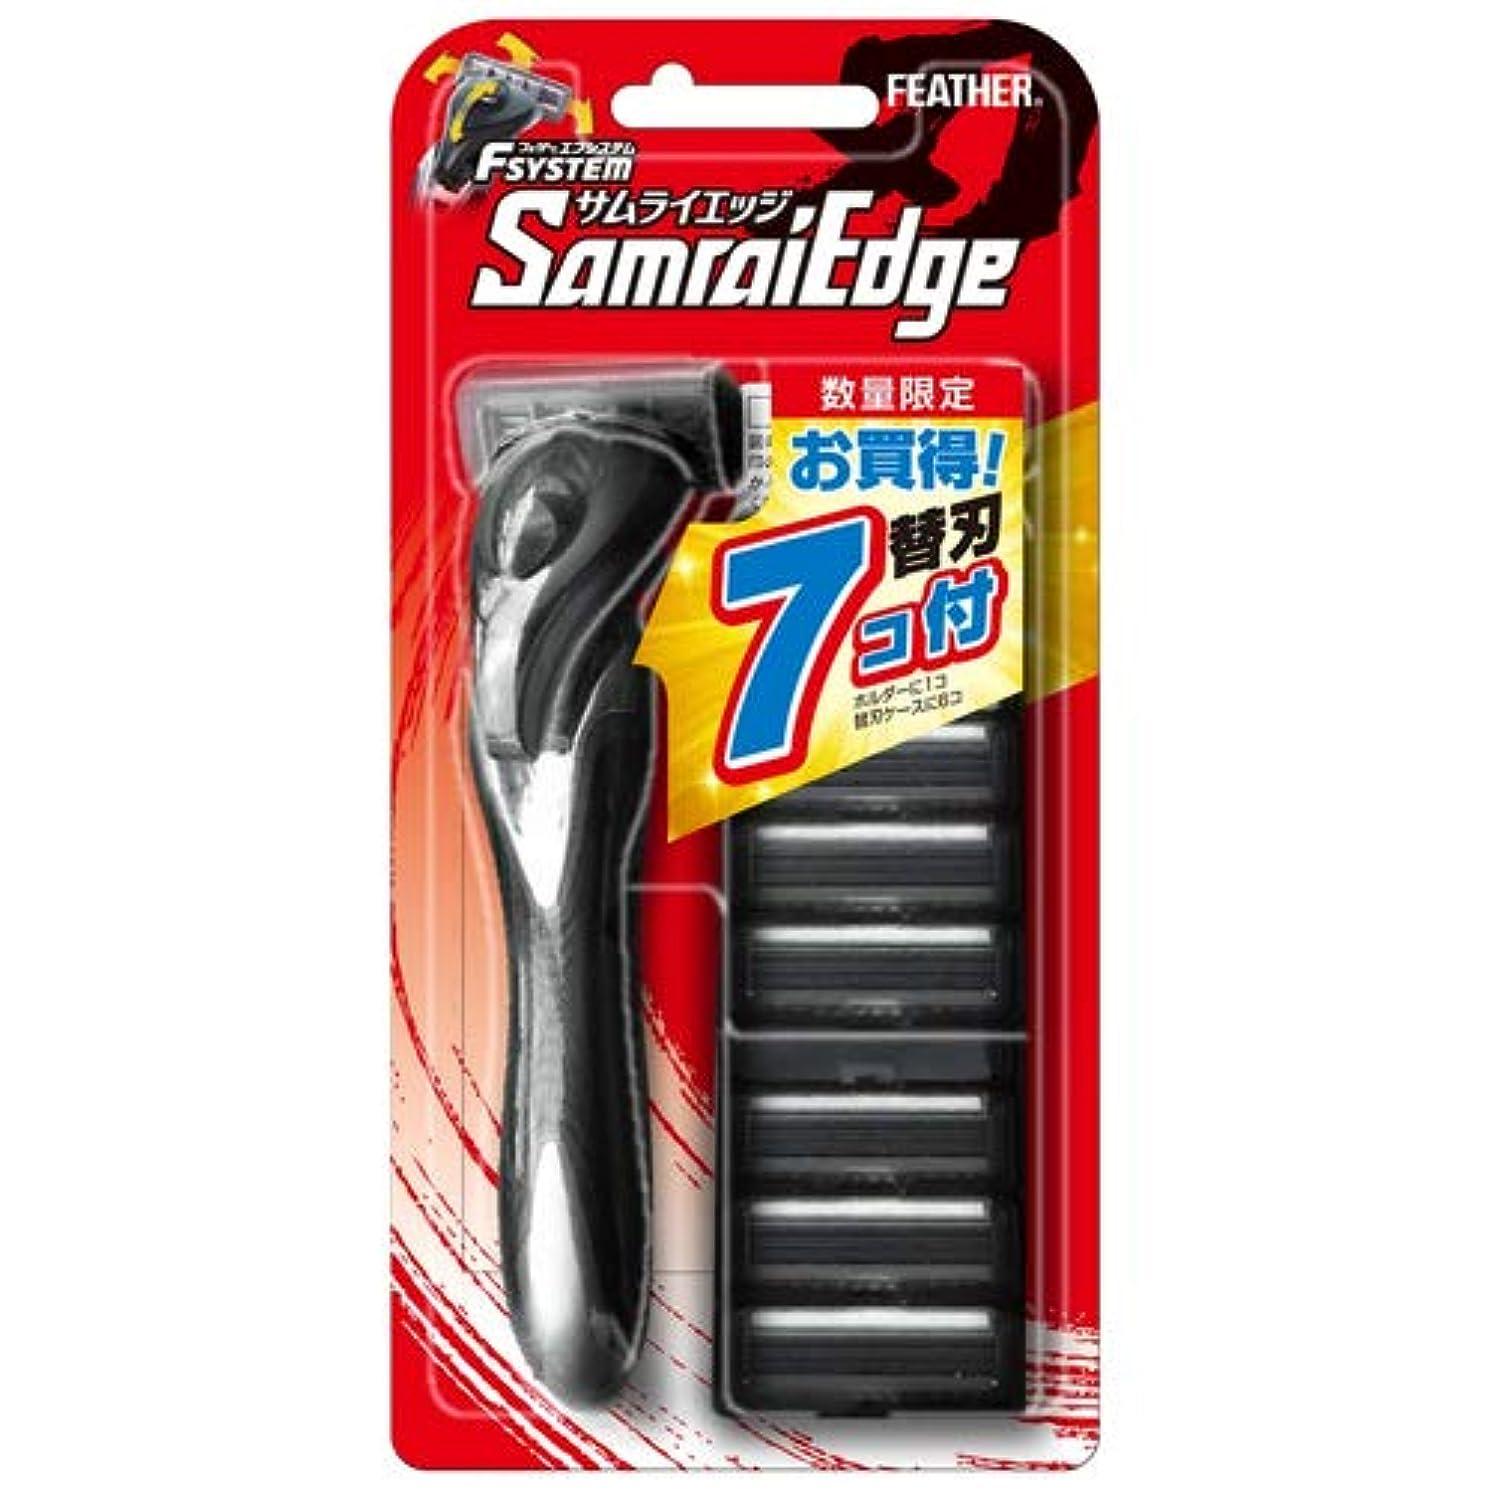 複合支配する活力フェザー安全剃刀 サムライエッジ 替刃 7コ付き バリューパック セット 1本+替刃7個